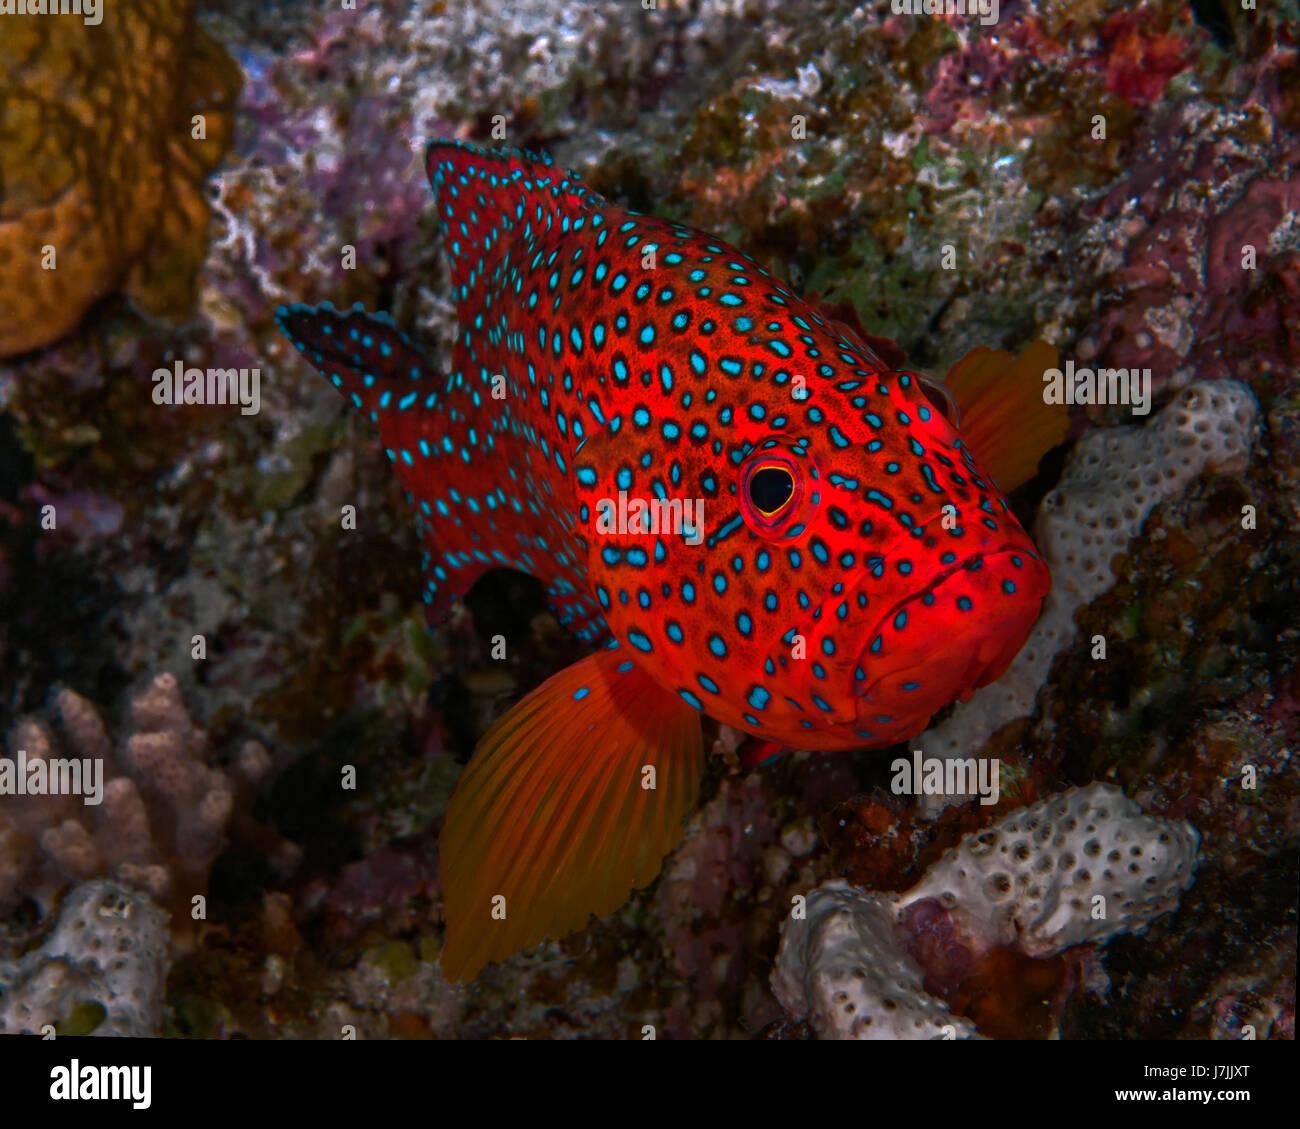 Ses pairs de mérou Bluespotted lair dans le récif de corail. Banque D'Images